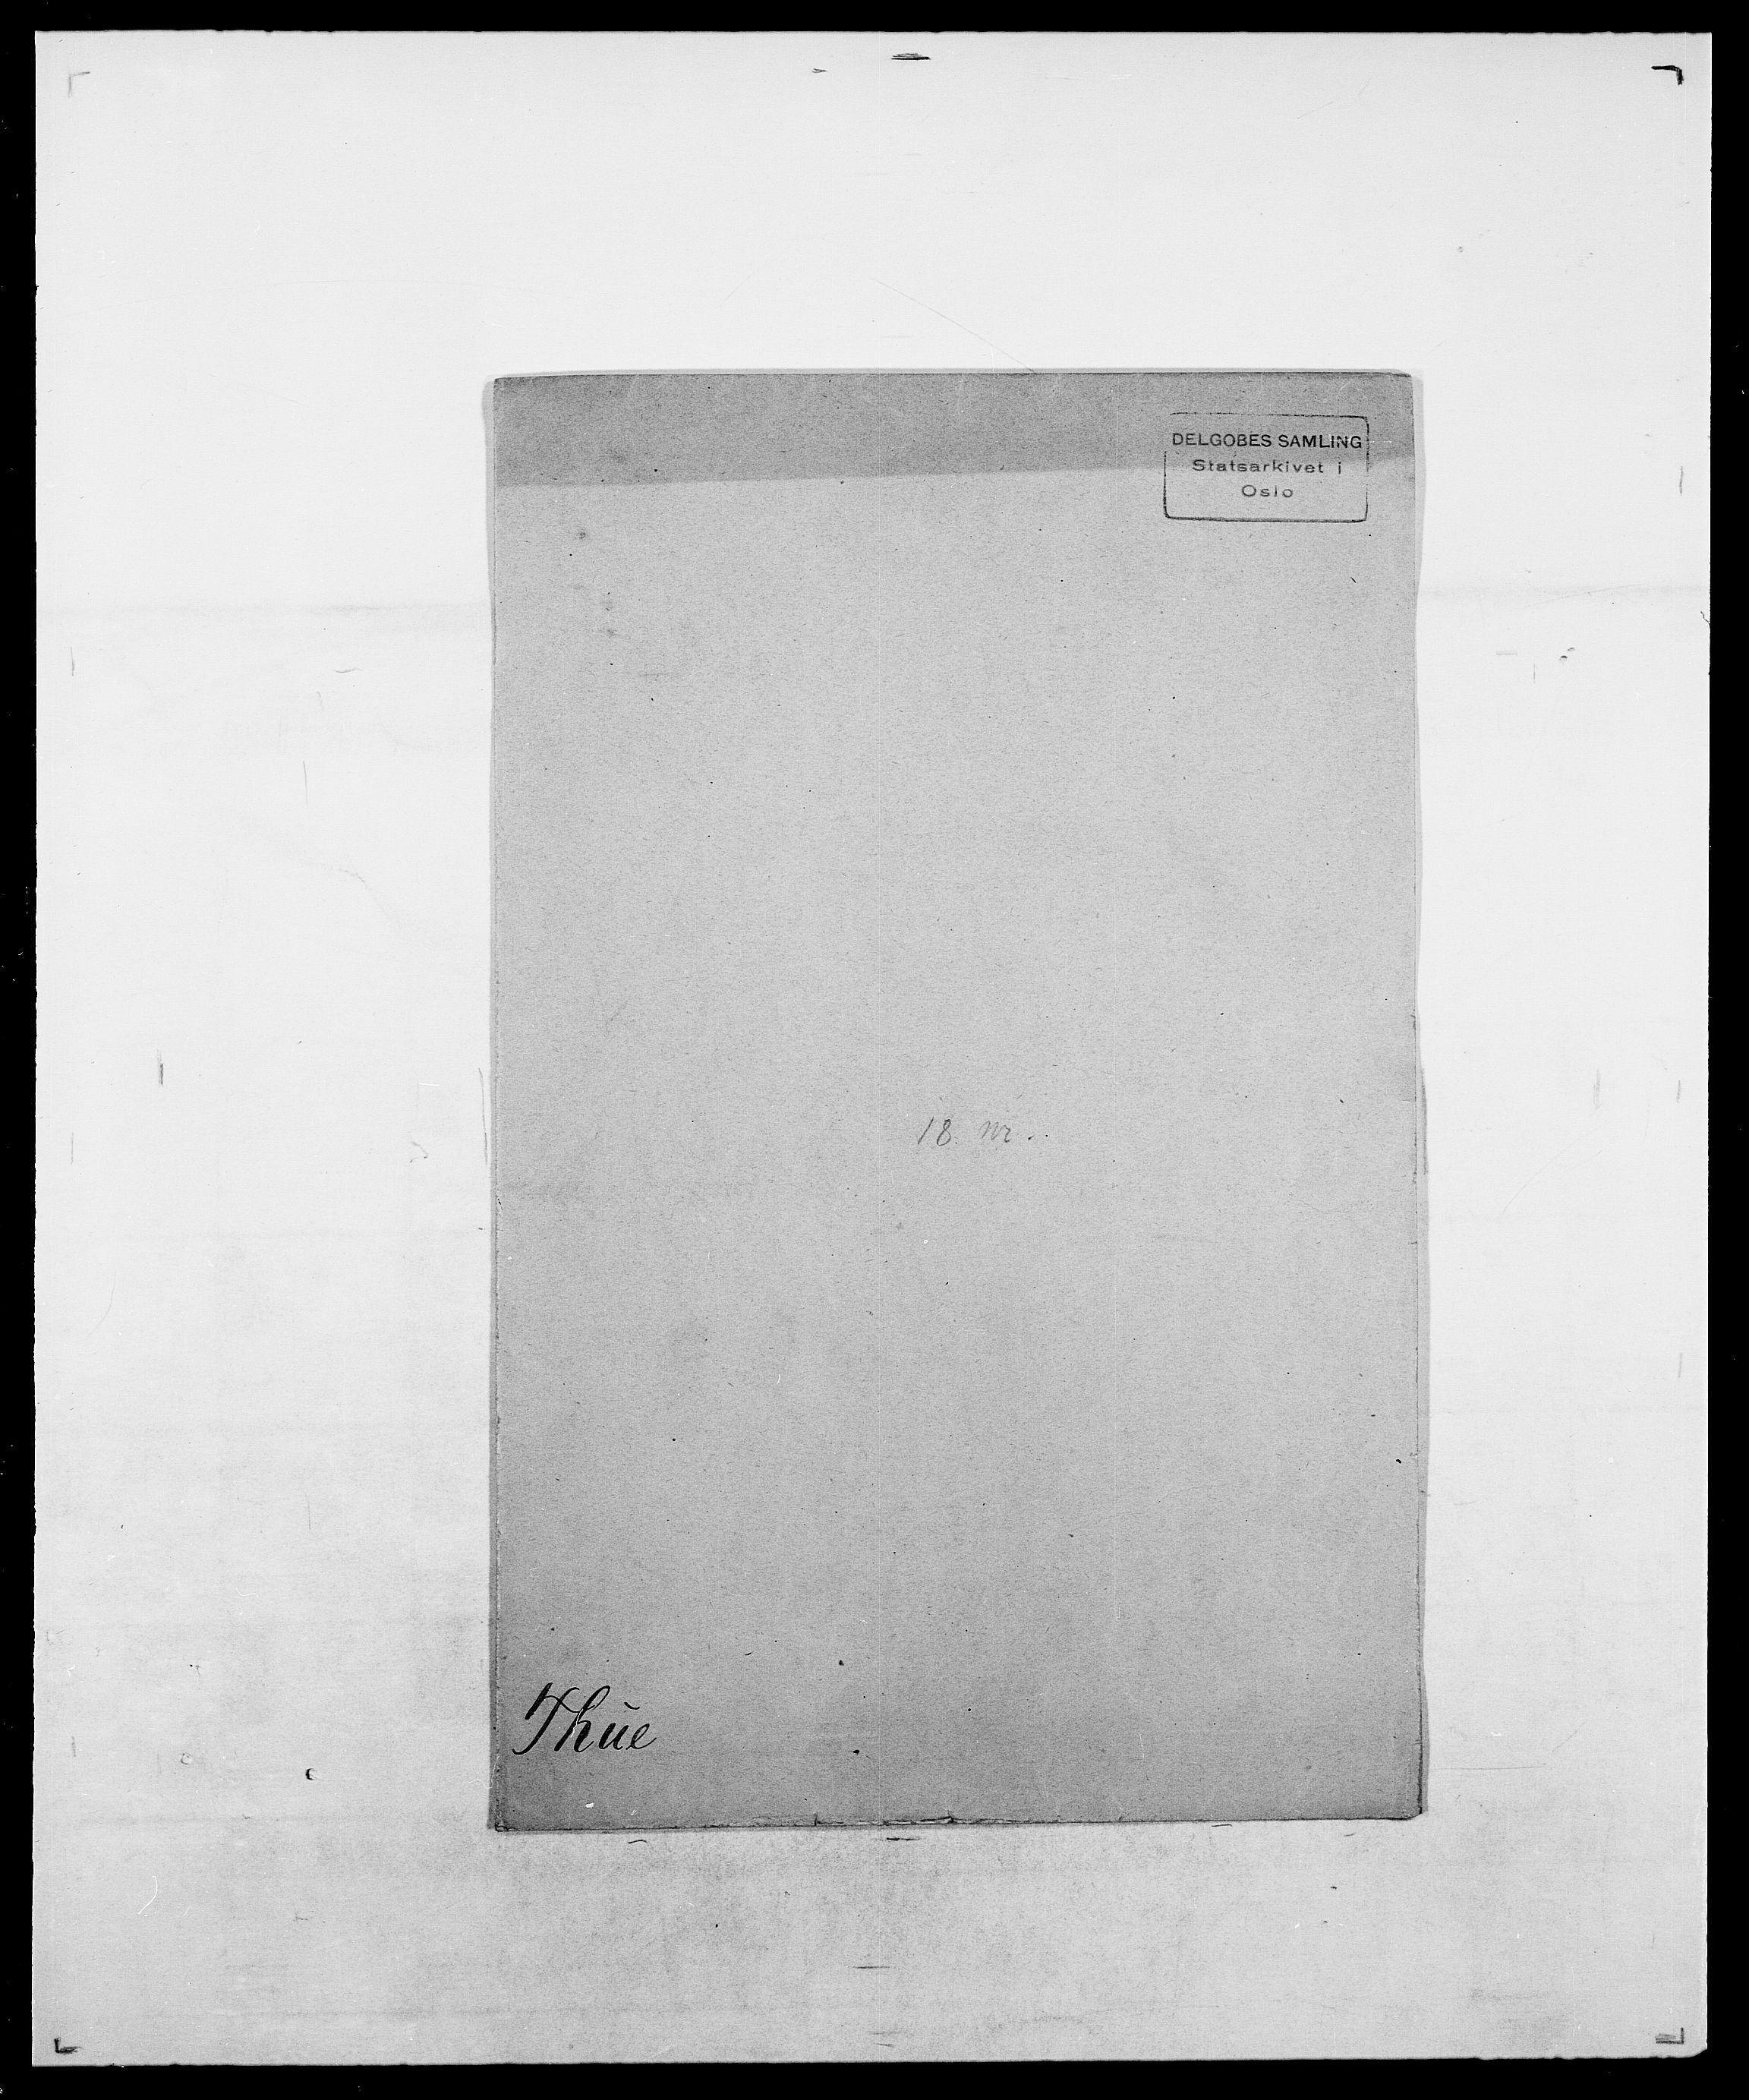 SAO, Delgobe, Charles Antoine - samling, D/Da/L0038: Svanenskjold - Thornsohn, s. 981